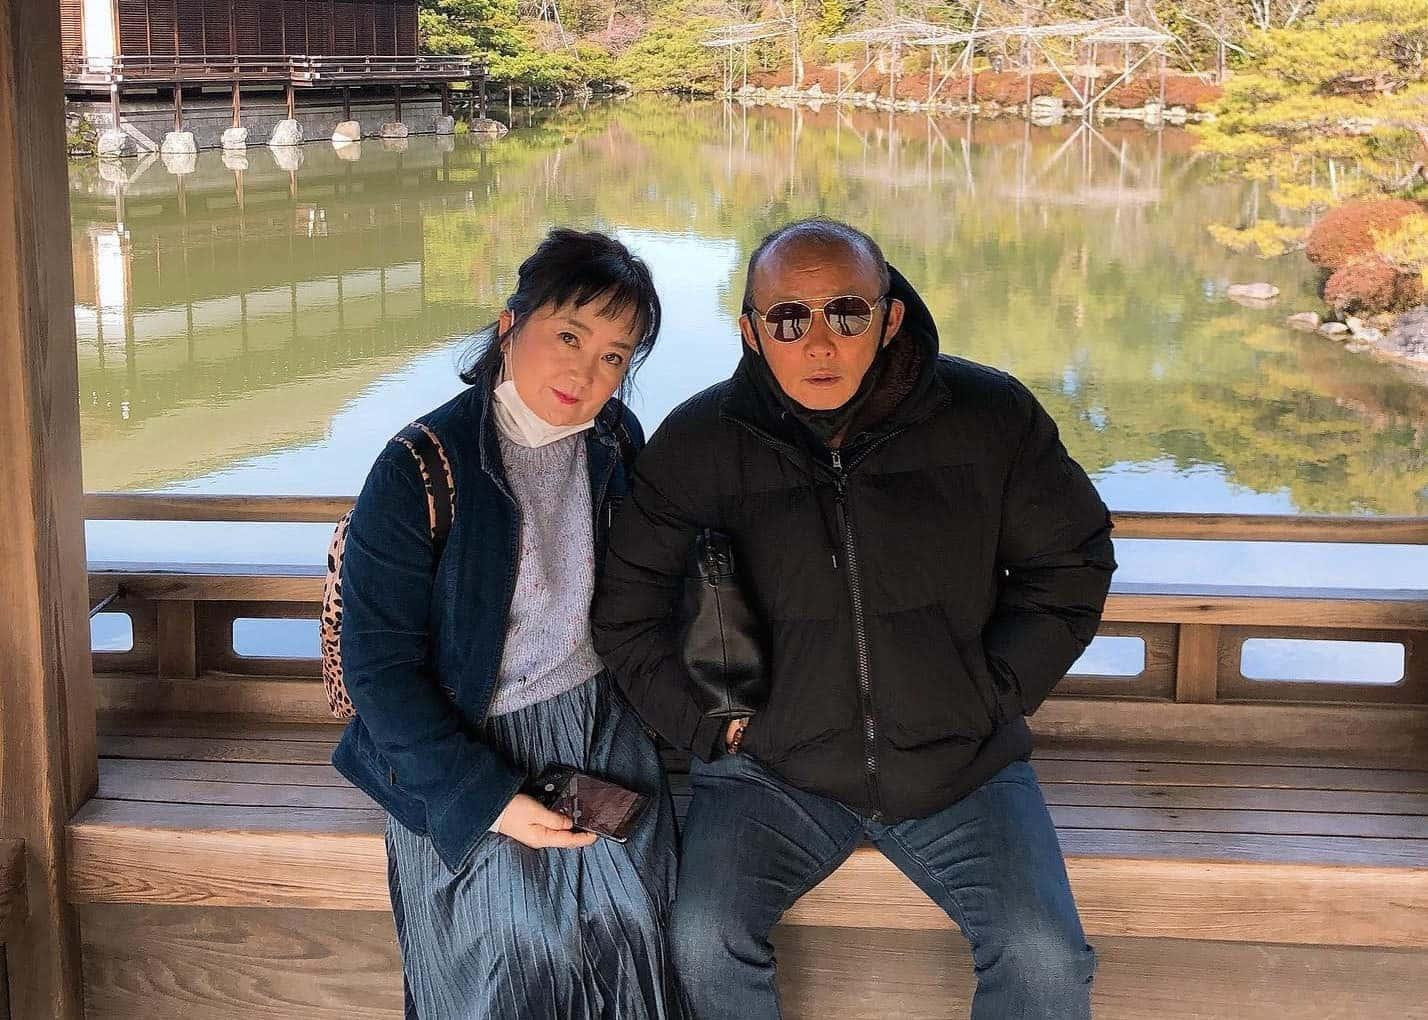 Bố vợ qua đời, HLV Park Hang Seo gấp rút trở về Hàn Quốc chịu tang